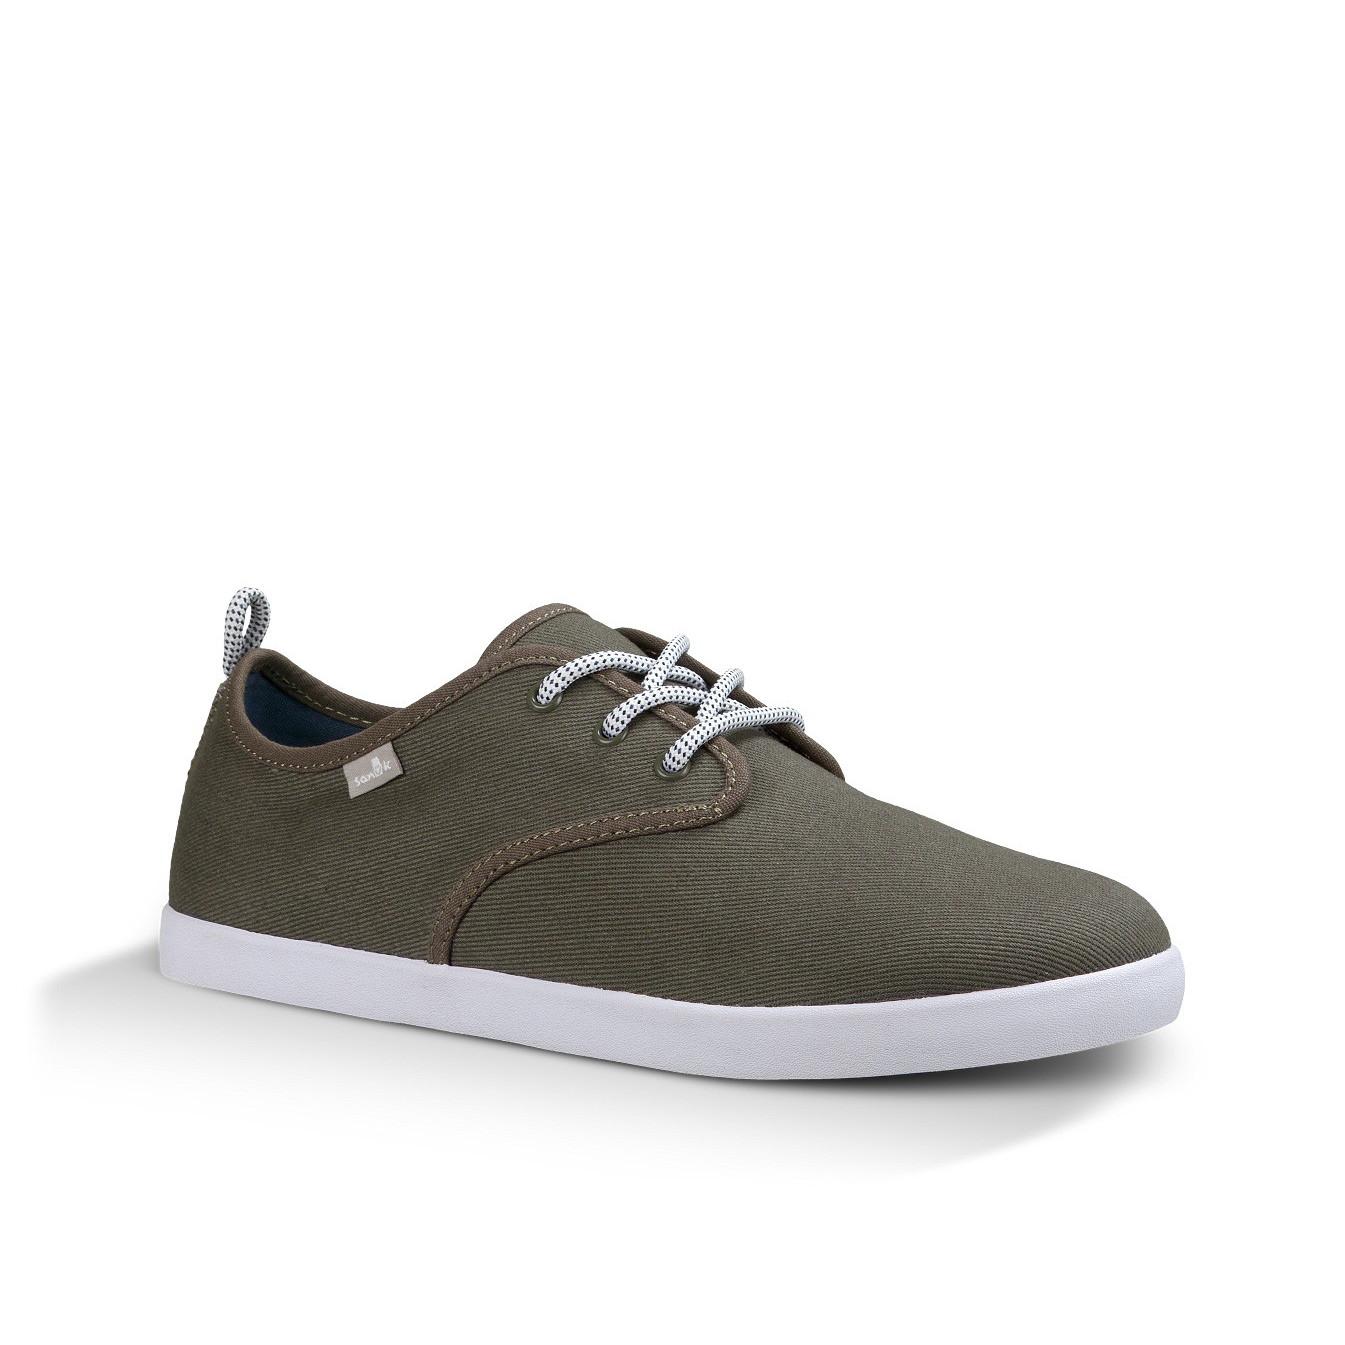 New Sanuk Shoes